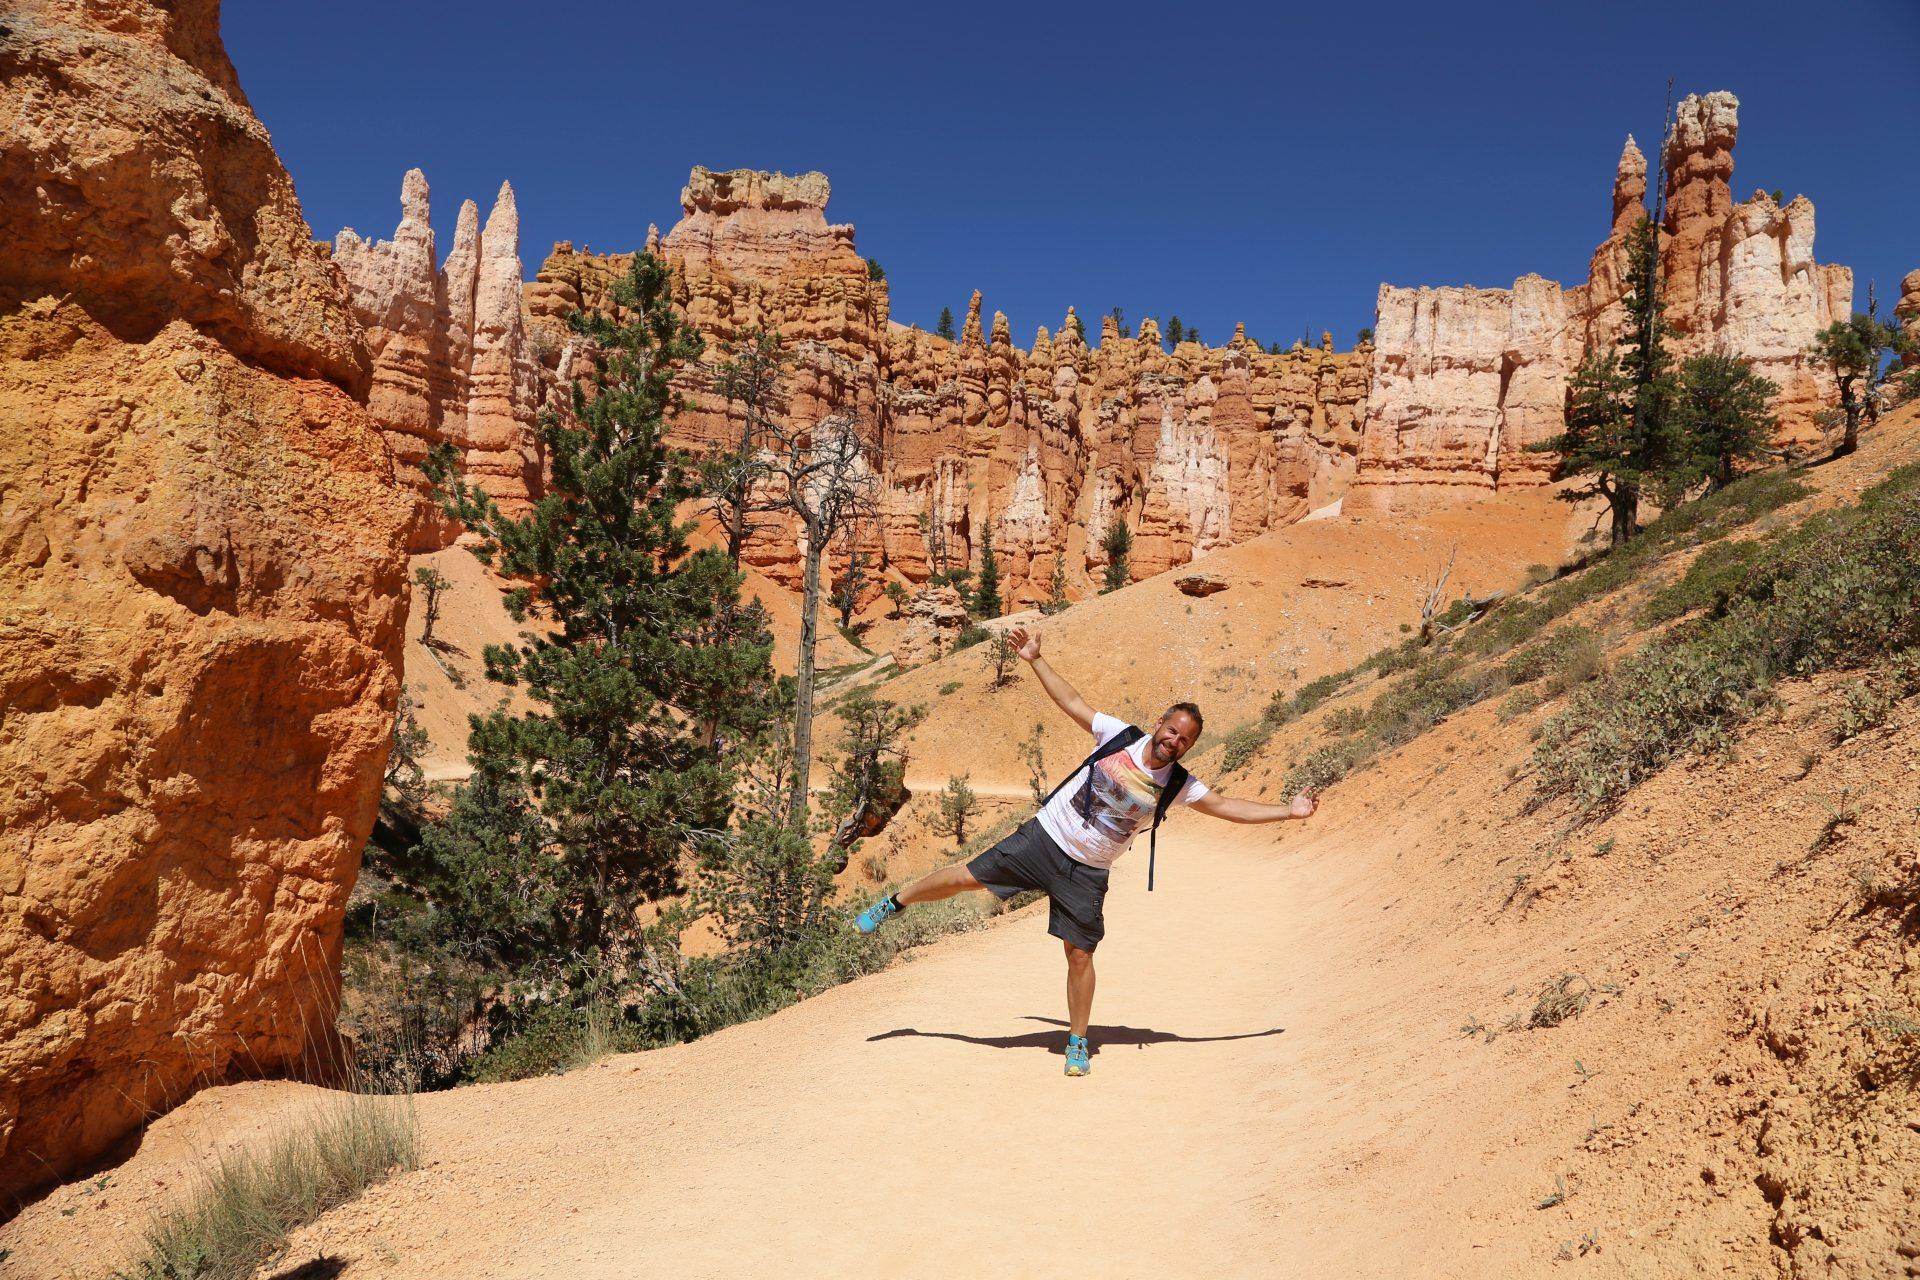 Bryce bringt mich nicht aus dem Gleichgewicht - Bäume, Canyon, Erosion, farbenfroh, Felsnadeln, Felstürme, Geologie, Gestein, Gesteinssäulen, Gesteinsschichten, Himmel, Hoodoos, malerisch, Monolithen, Personen, Pfad, Portrait, Porträt, Queens Garden Trail, Sandstein, traumhaft, Utah, Weg - WEISSINGER Andreas - (Bryce Canyon, Bryce, Utah, Vereinigte Staaten)